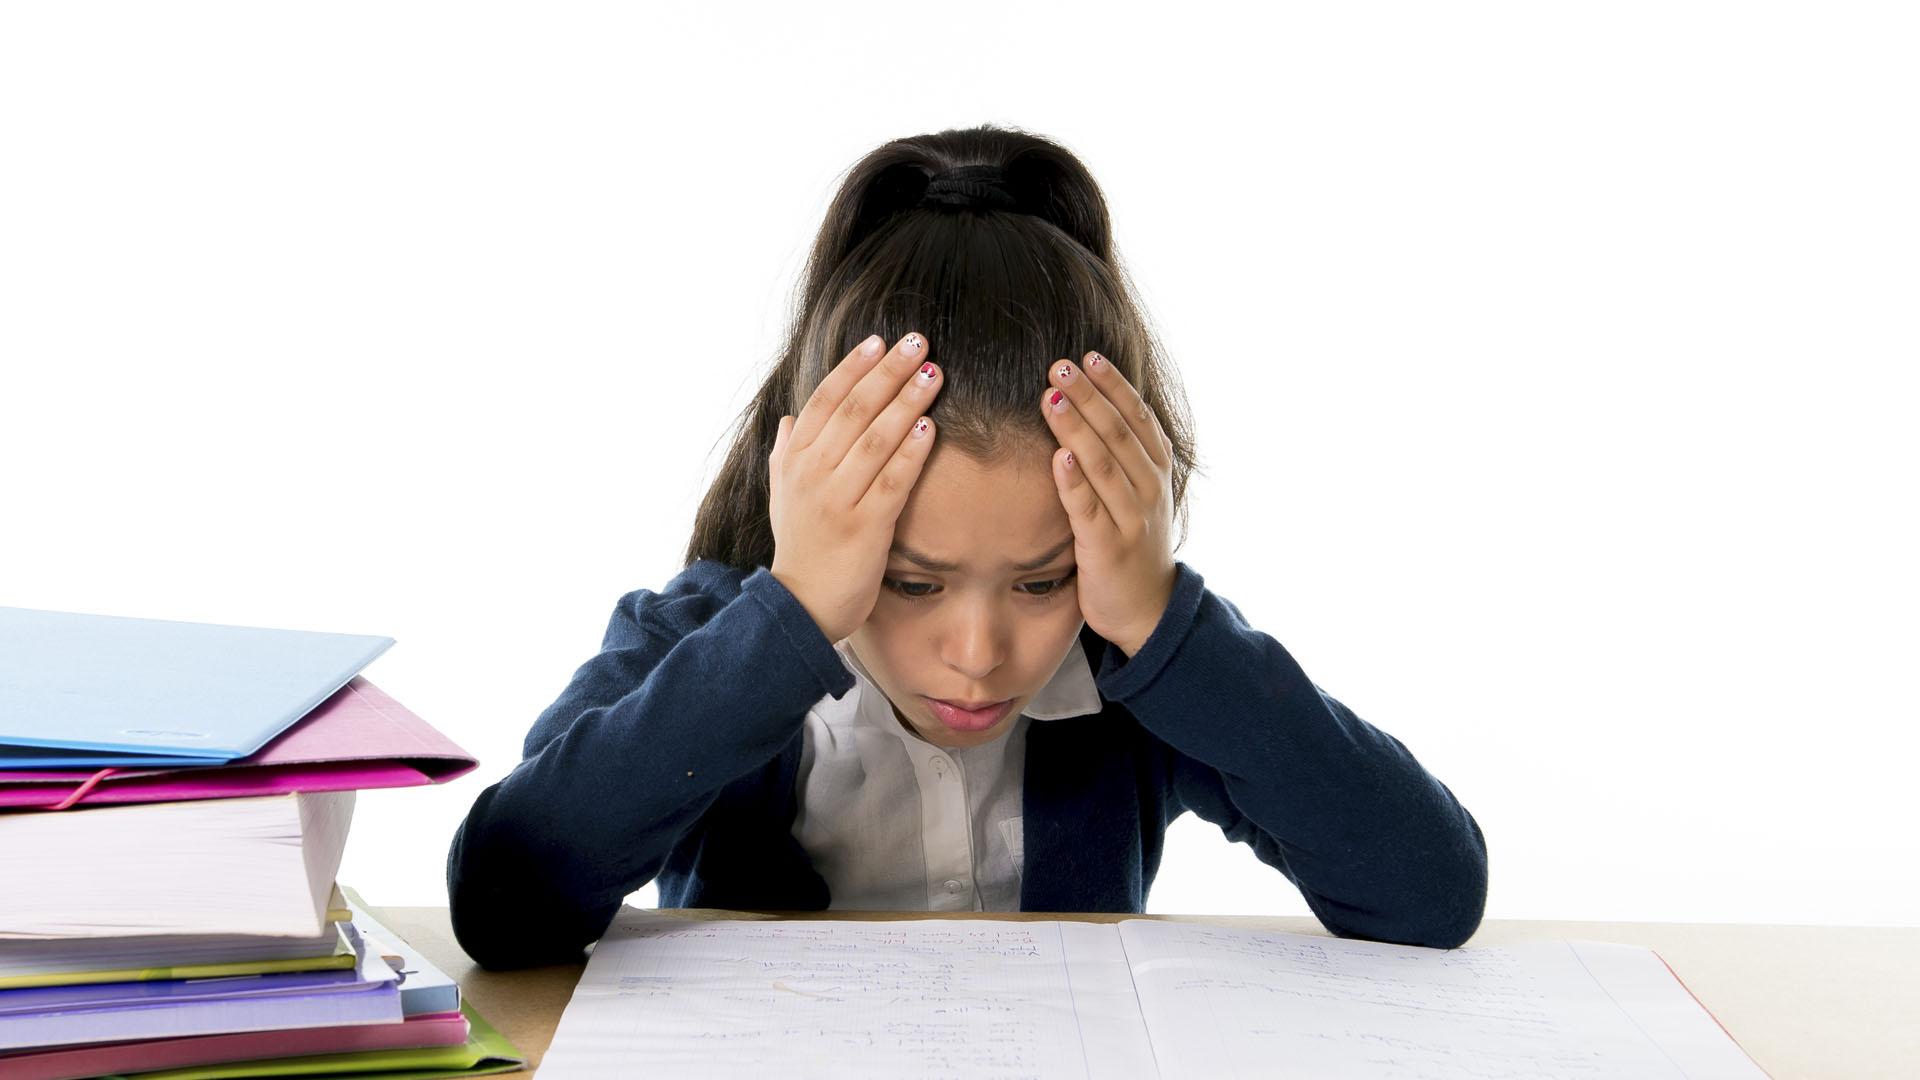 Expertos afirman que hoy en día los niños tienen un alto miedo al fracaso